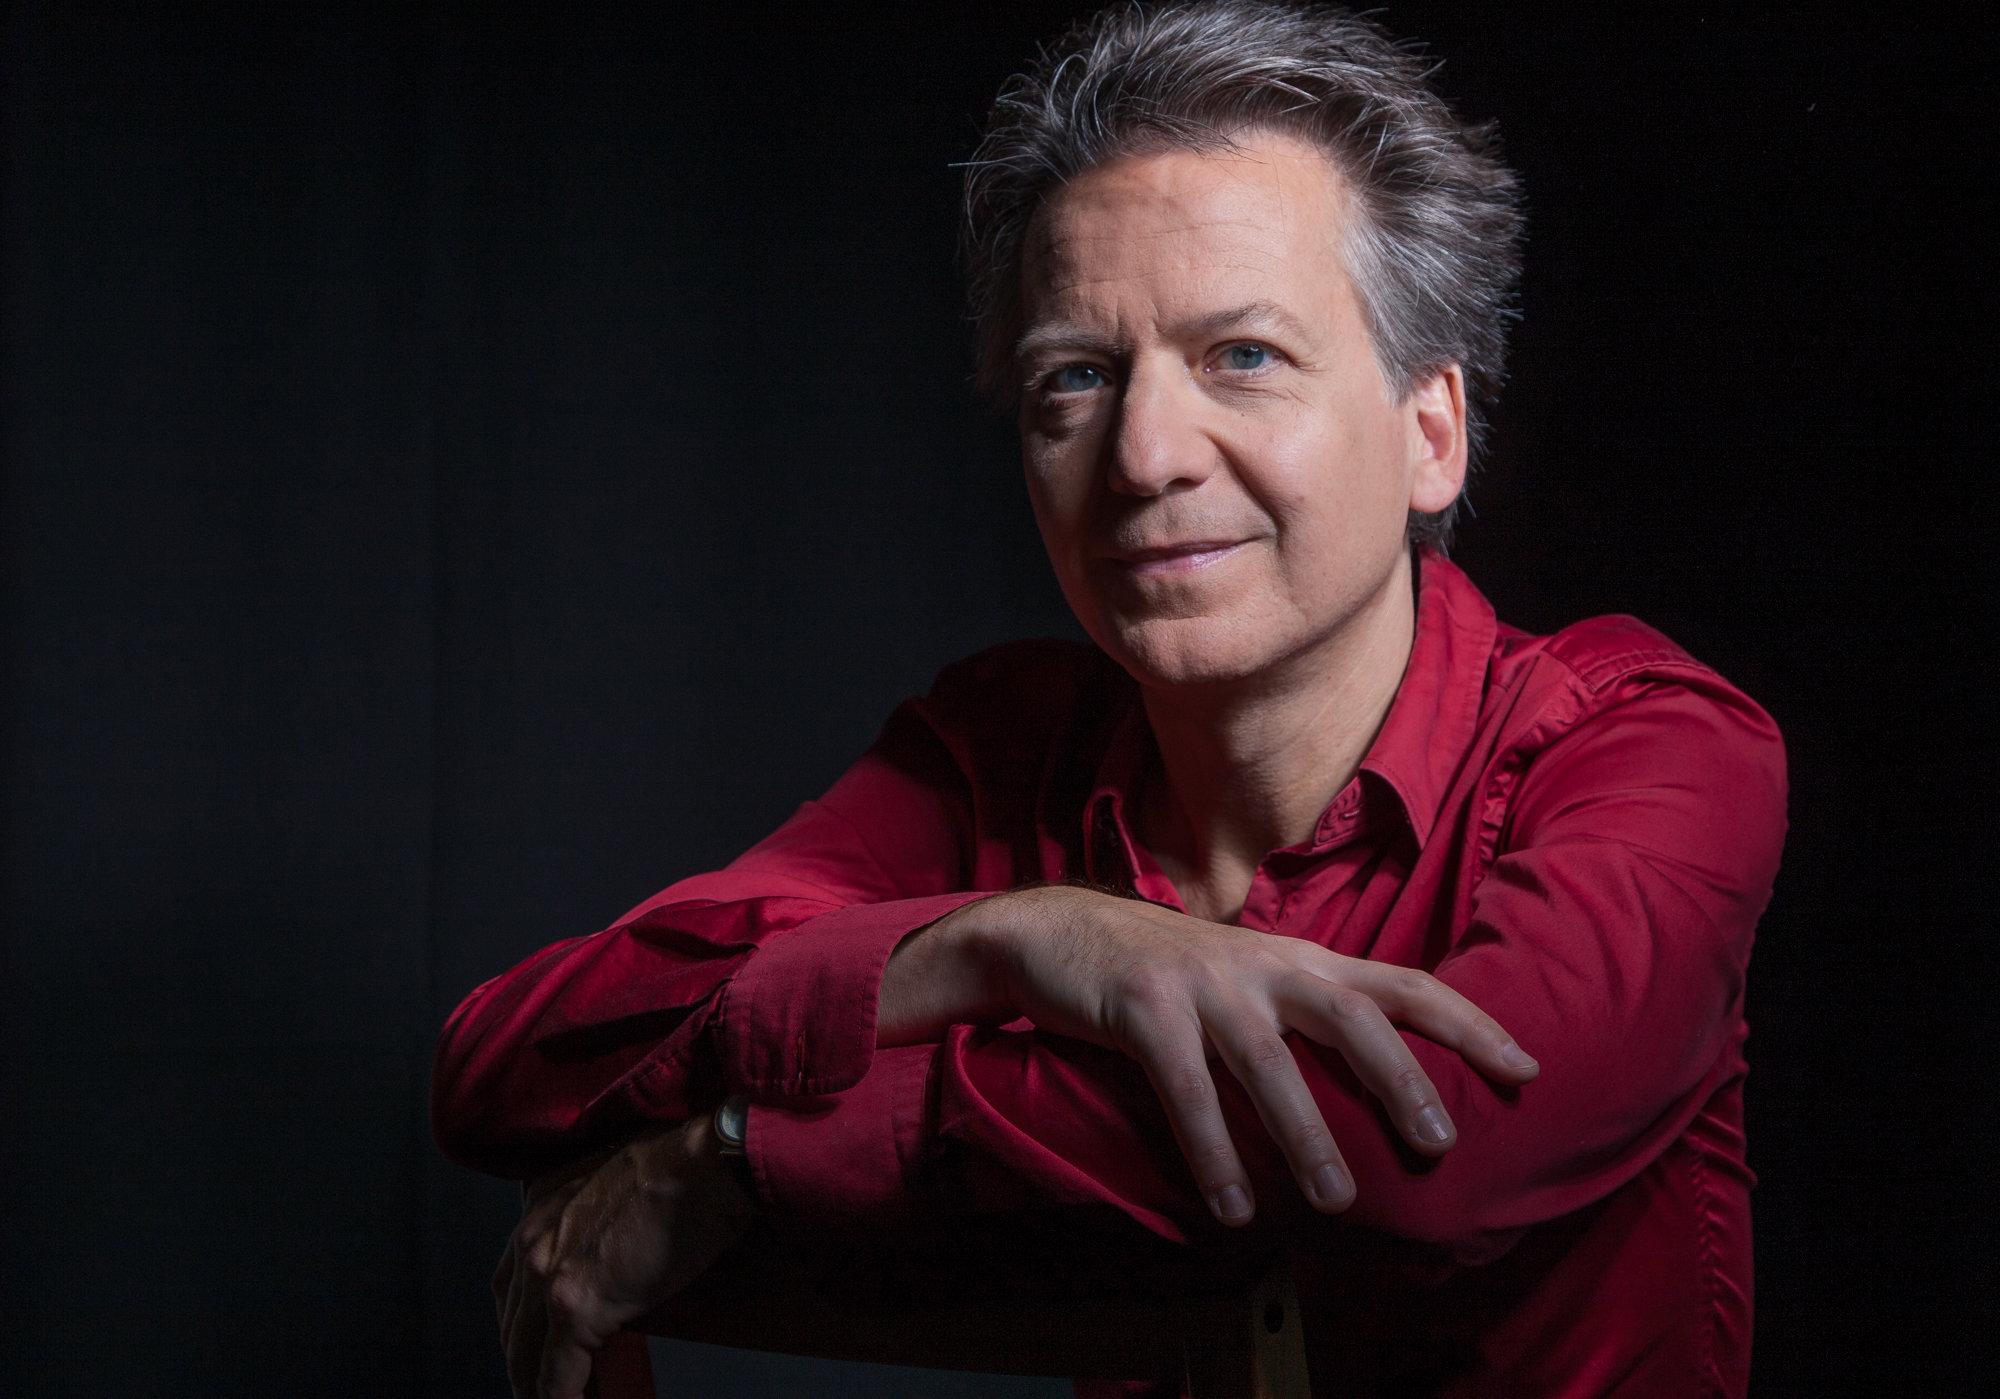 Wolfgang Maiwald pianist